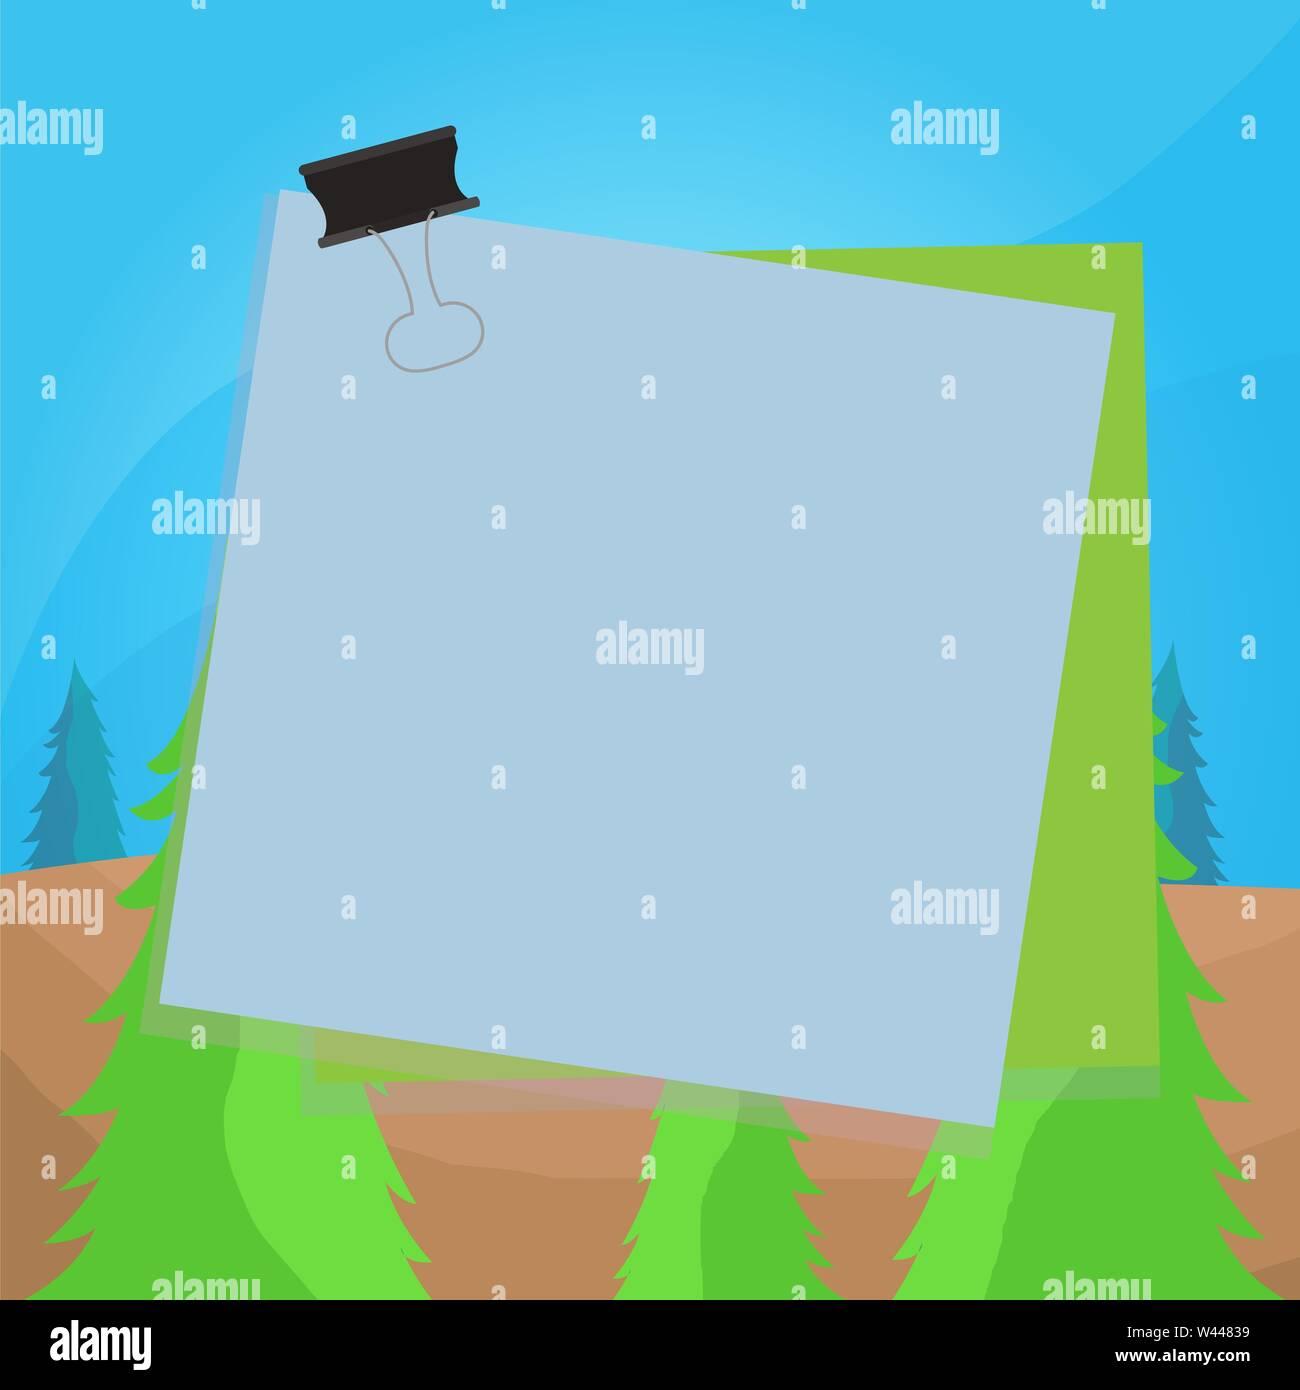 Carta bloccata binder clip sfondo colorato memo promemoria di forniture per ufficio business design concept modello vuoto spazio copia testo per sito di annunci isolato Immagini Stock